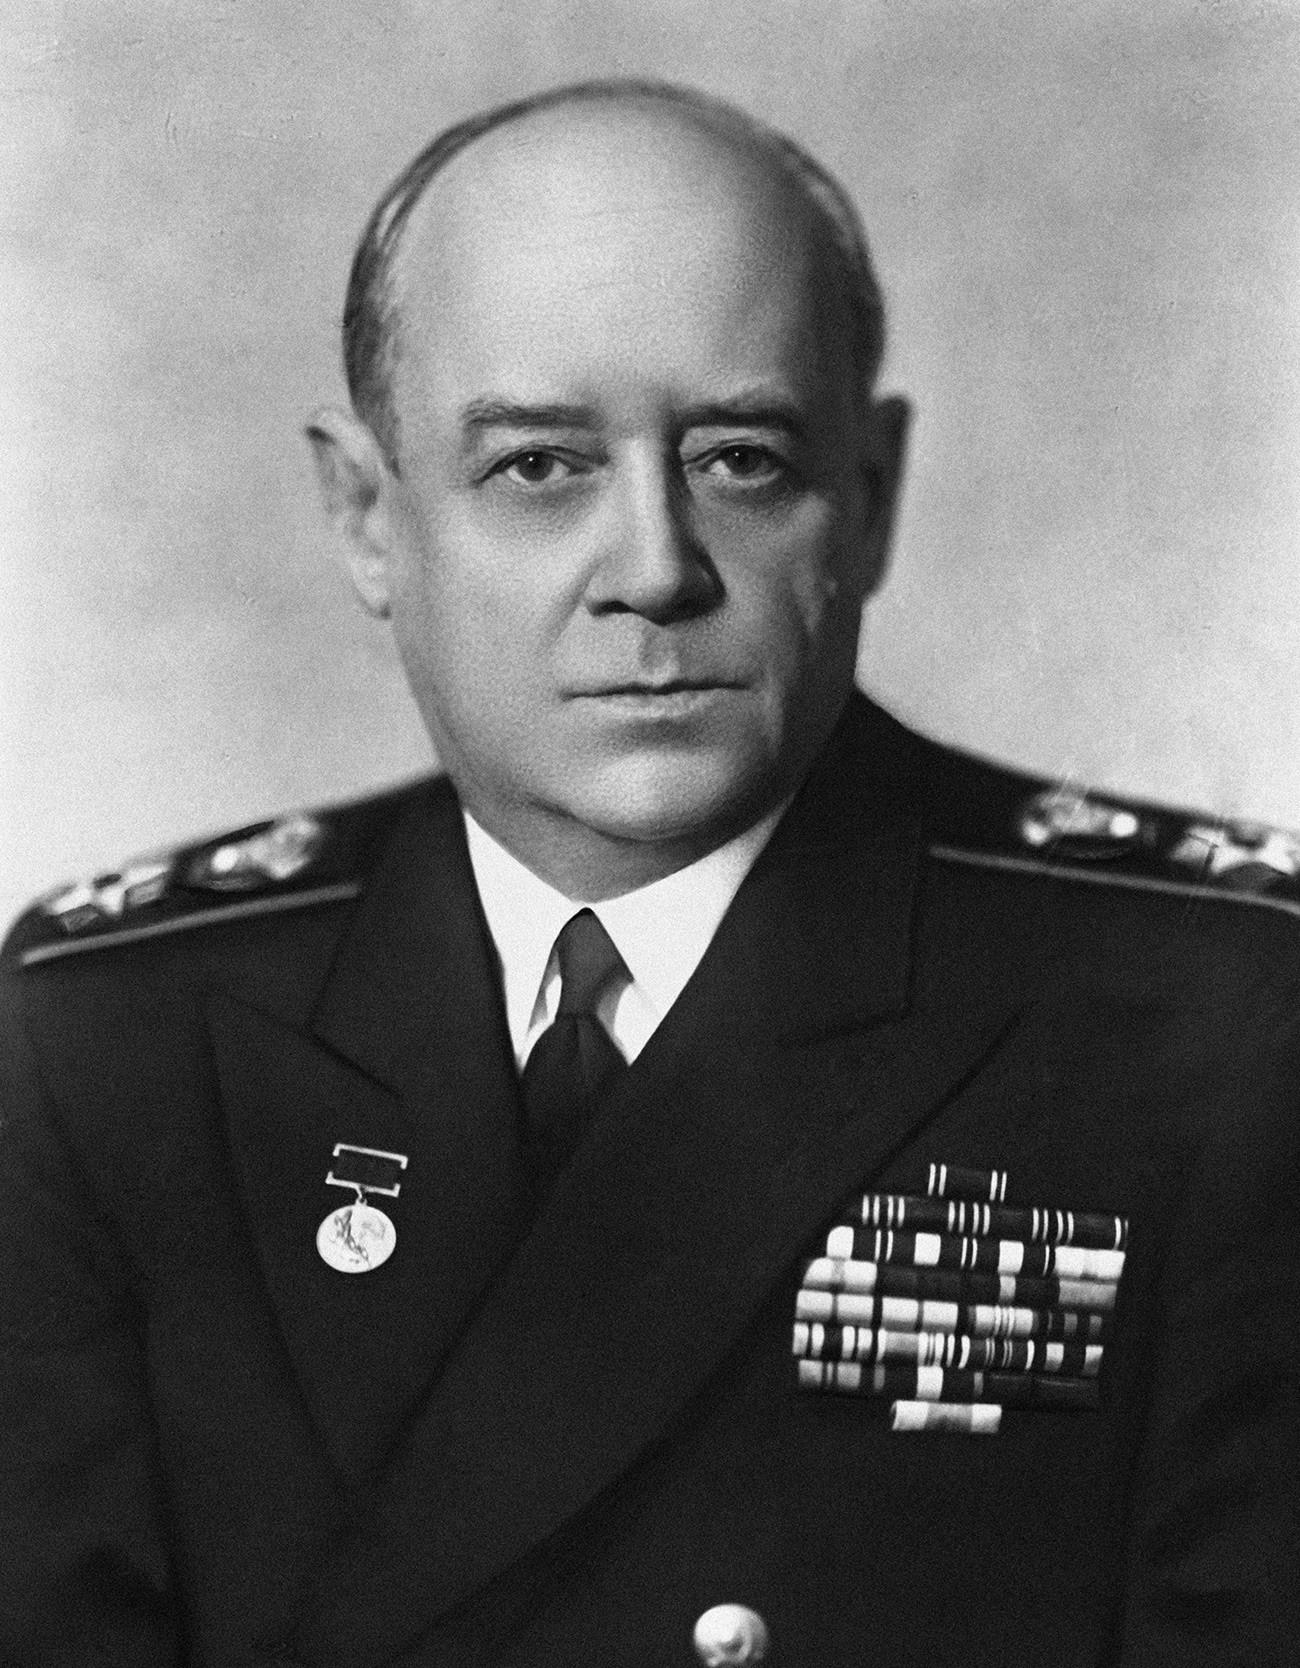 Адмирал флоте Совјетског Савеза Иван Степанович Исаков (1894-1967). Репродукција фотографије.